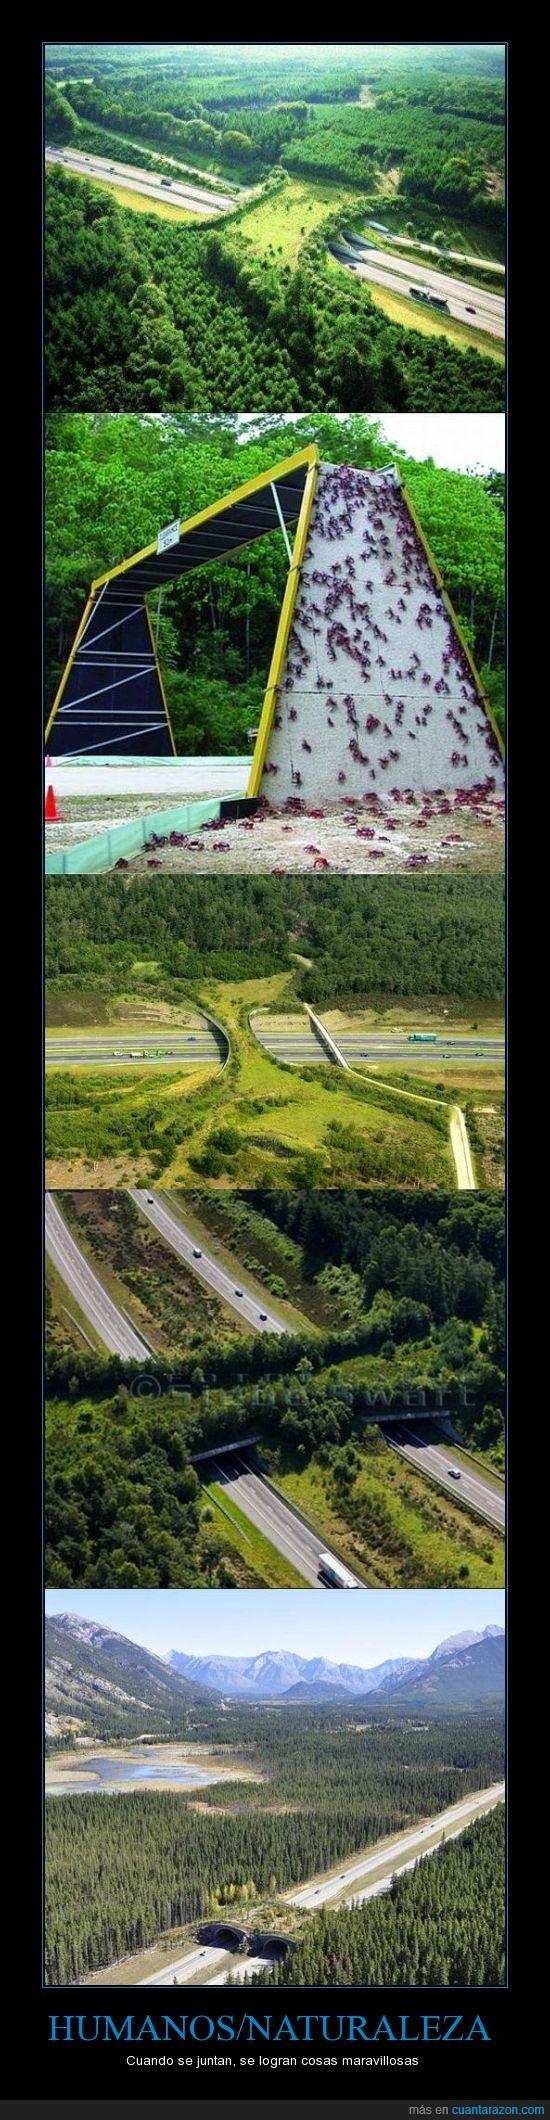 ambiente,carretera,humano,medio,naturaleza,puente